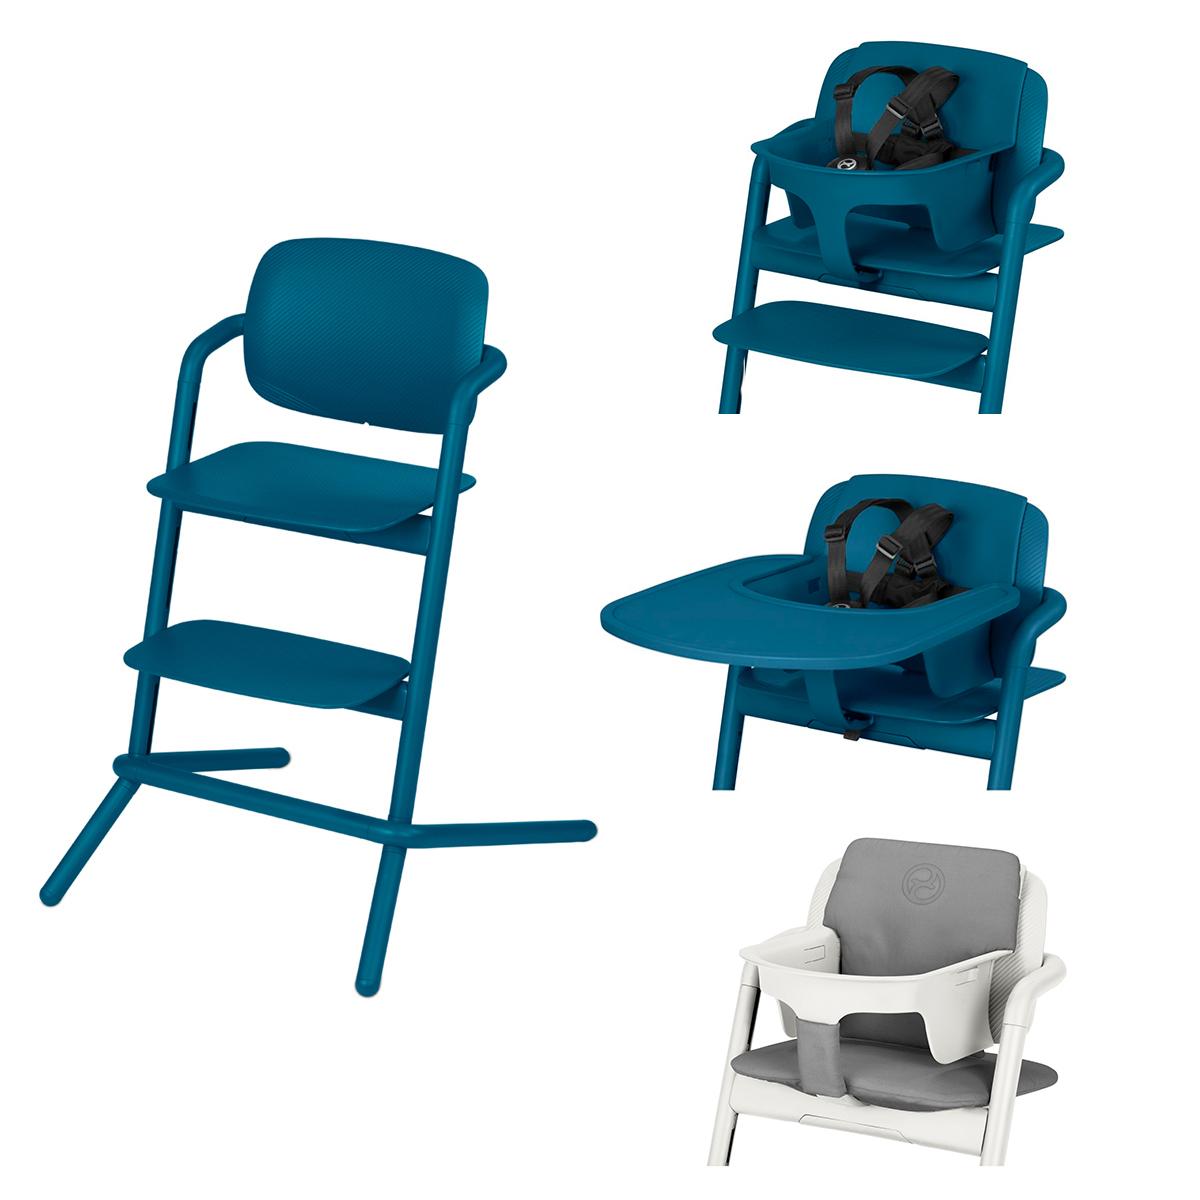 Chaise haute Chaise Haute Lemo Complète - Twilight Blue